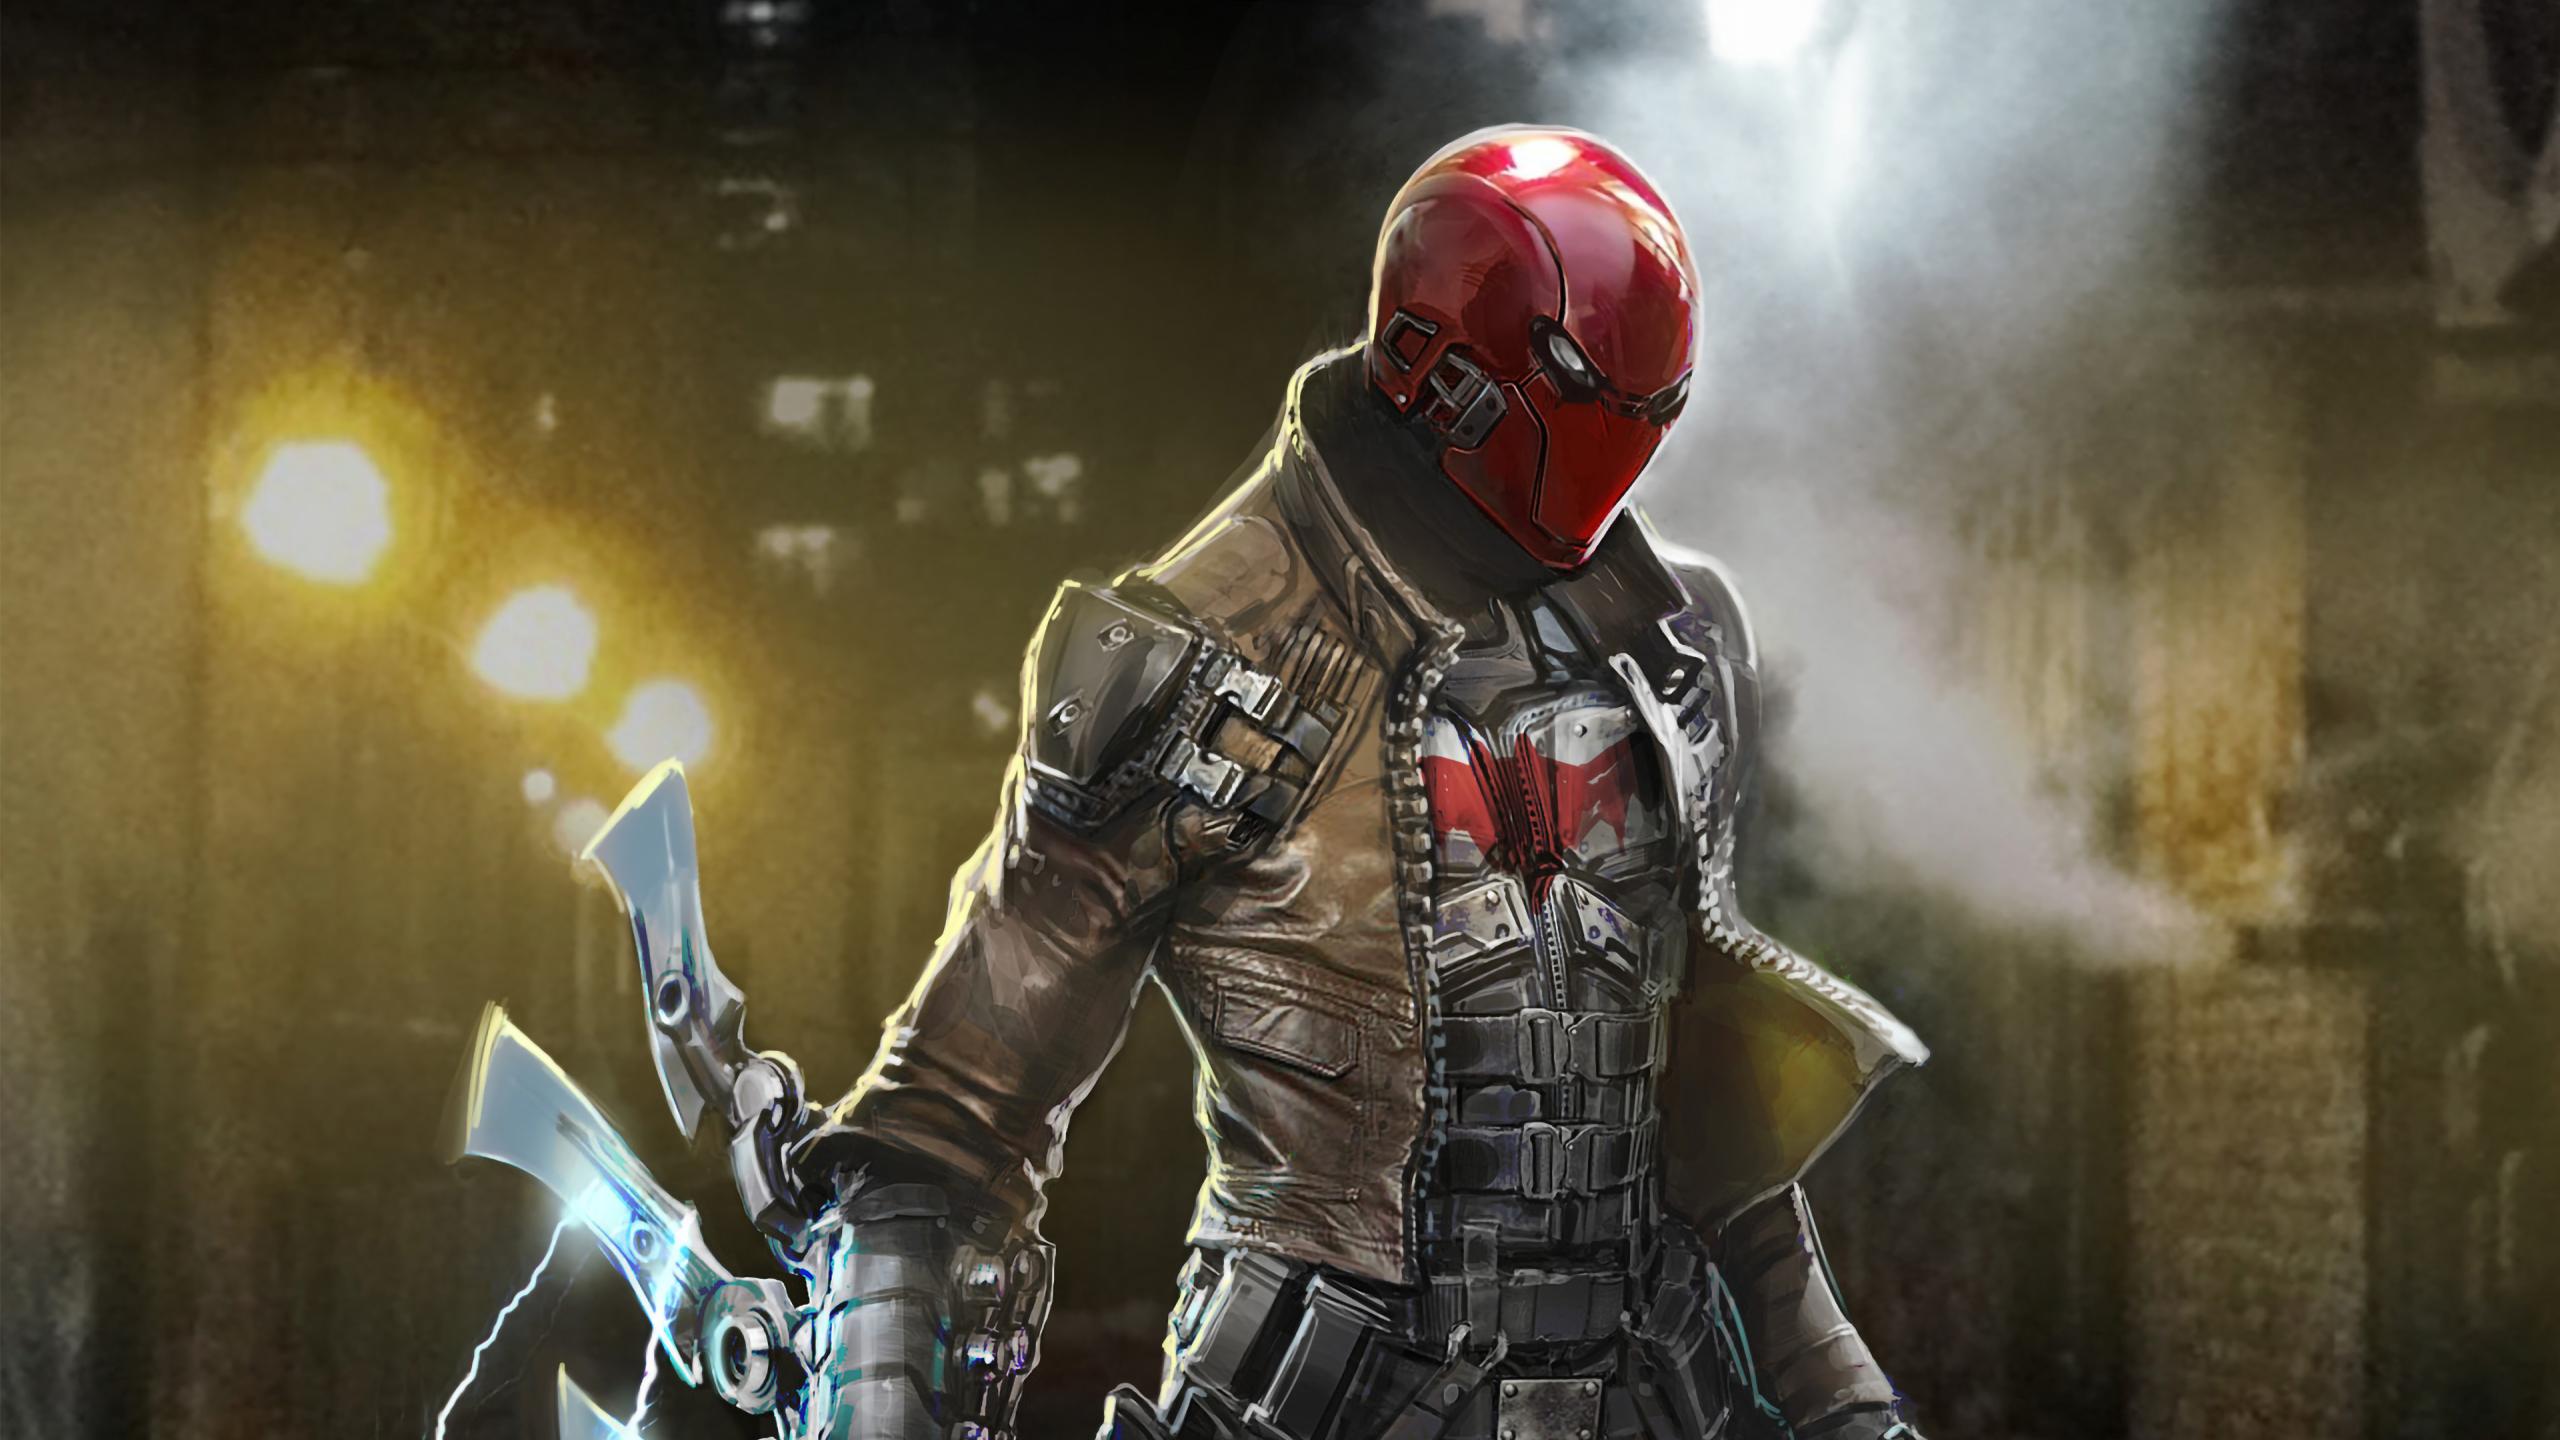 Red Hood Artwork, HD Superheroes, 4k Wallpapers, Images